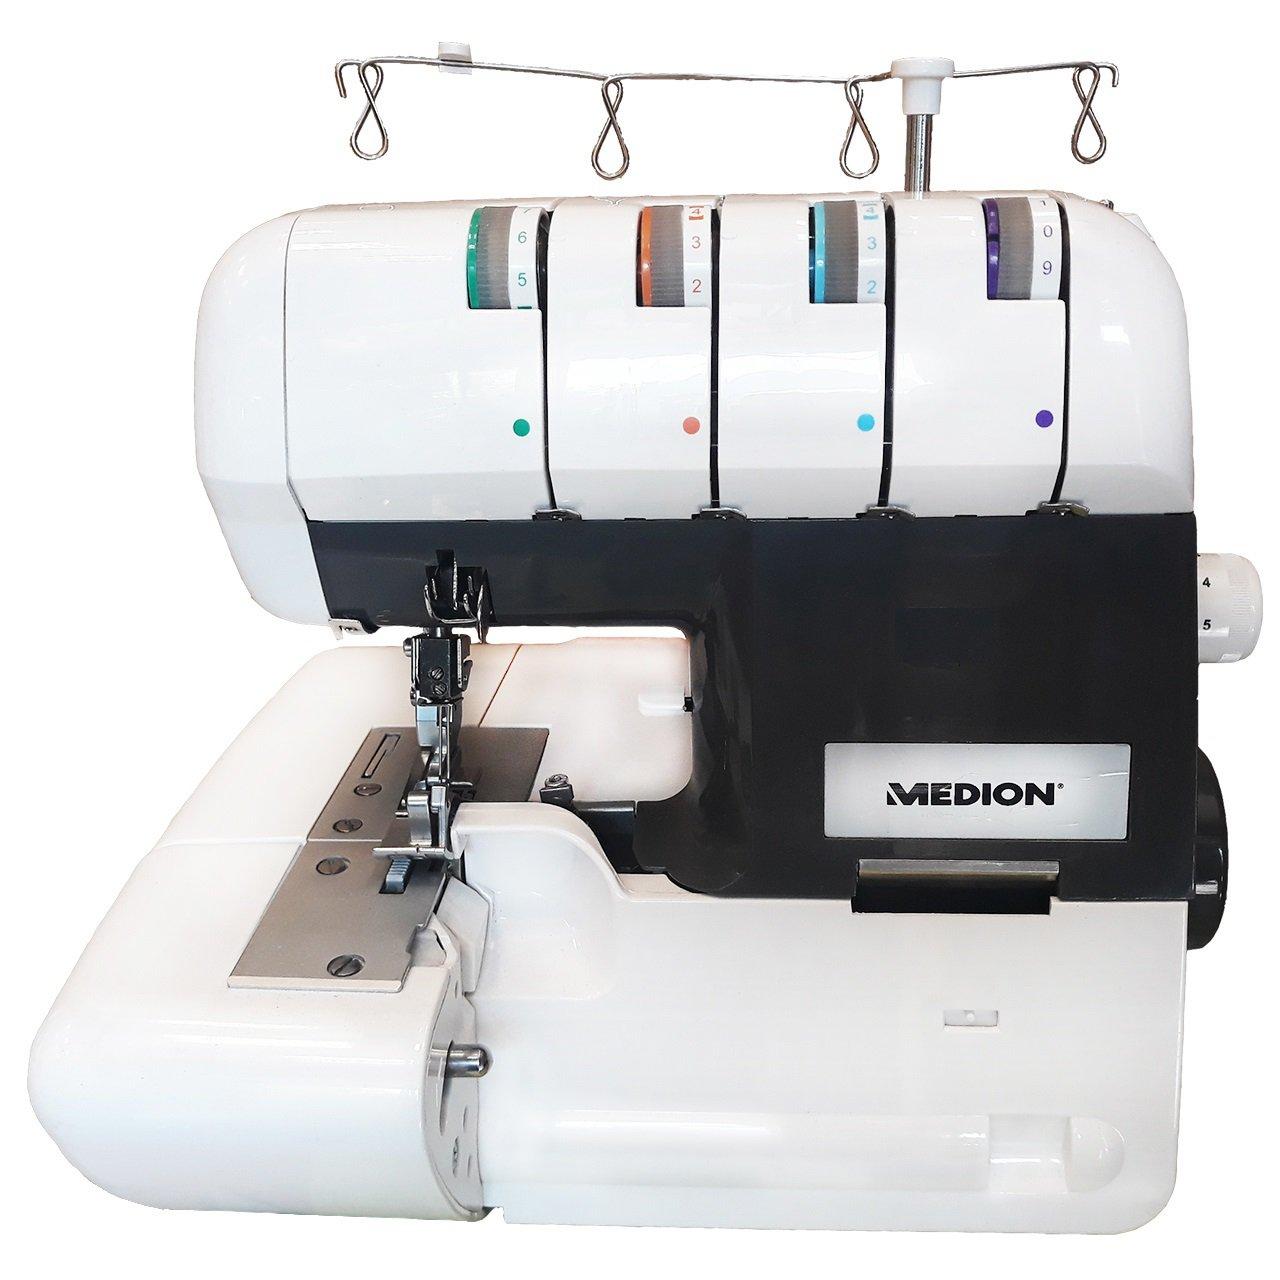 چرخ خیاطی سردوز مدیون مدل 528